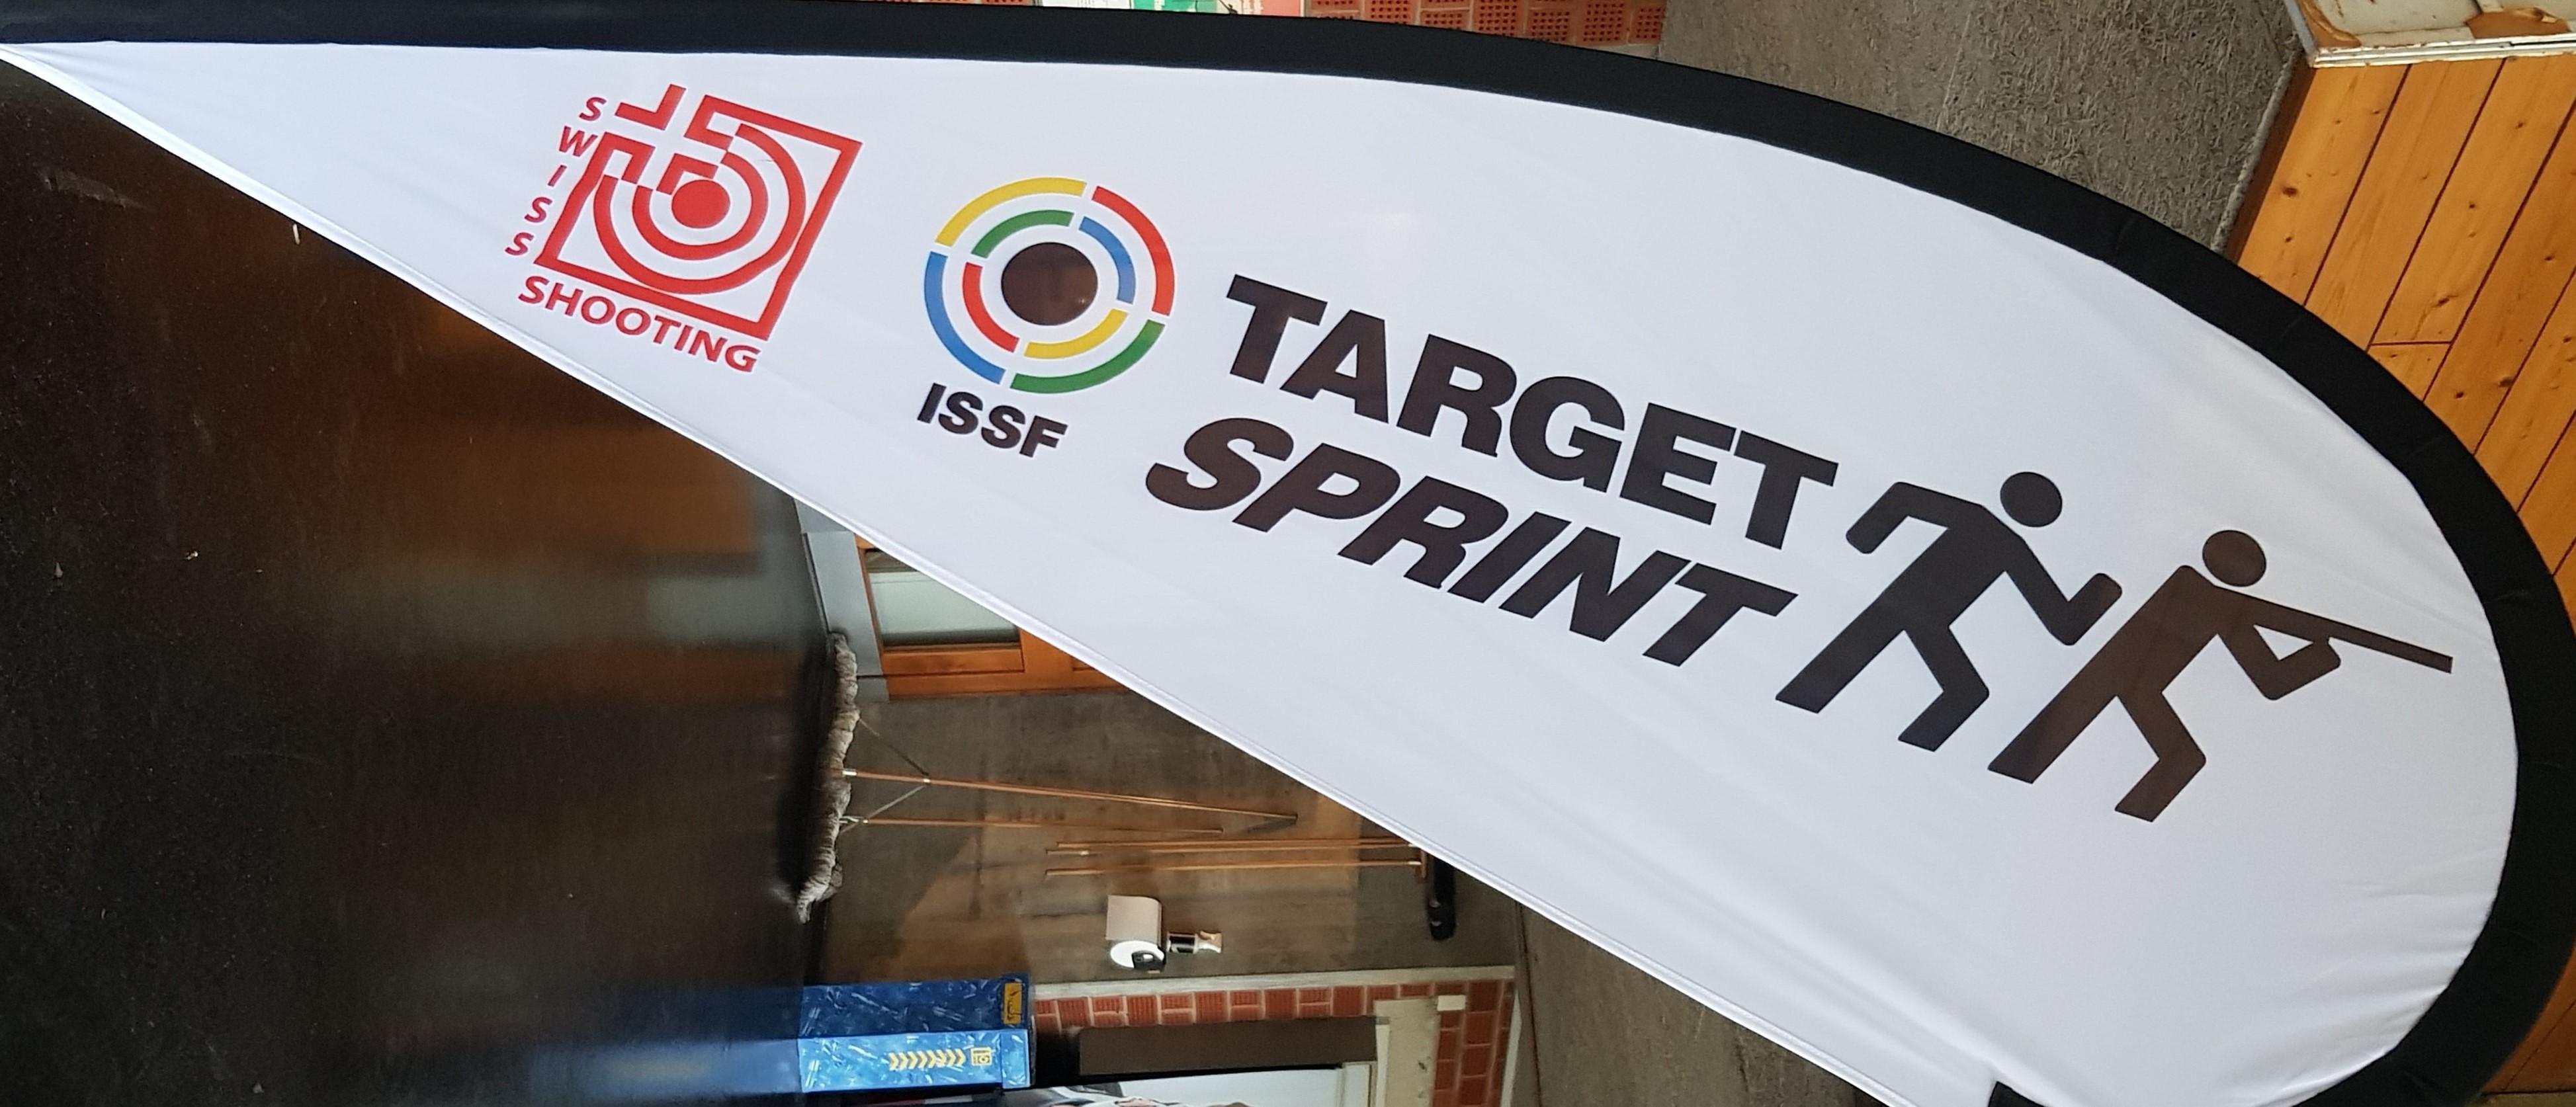 Schulsport Target Sprint